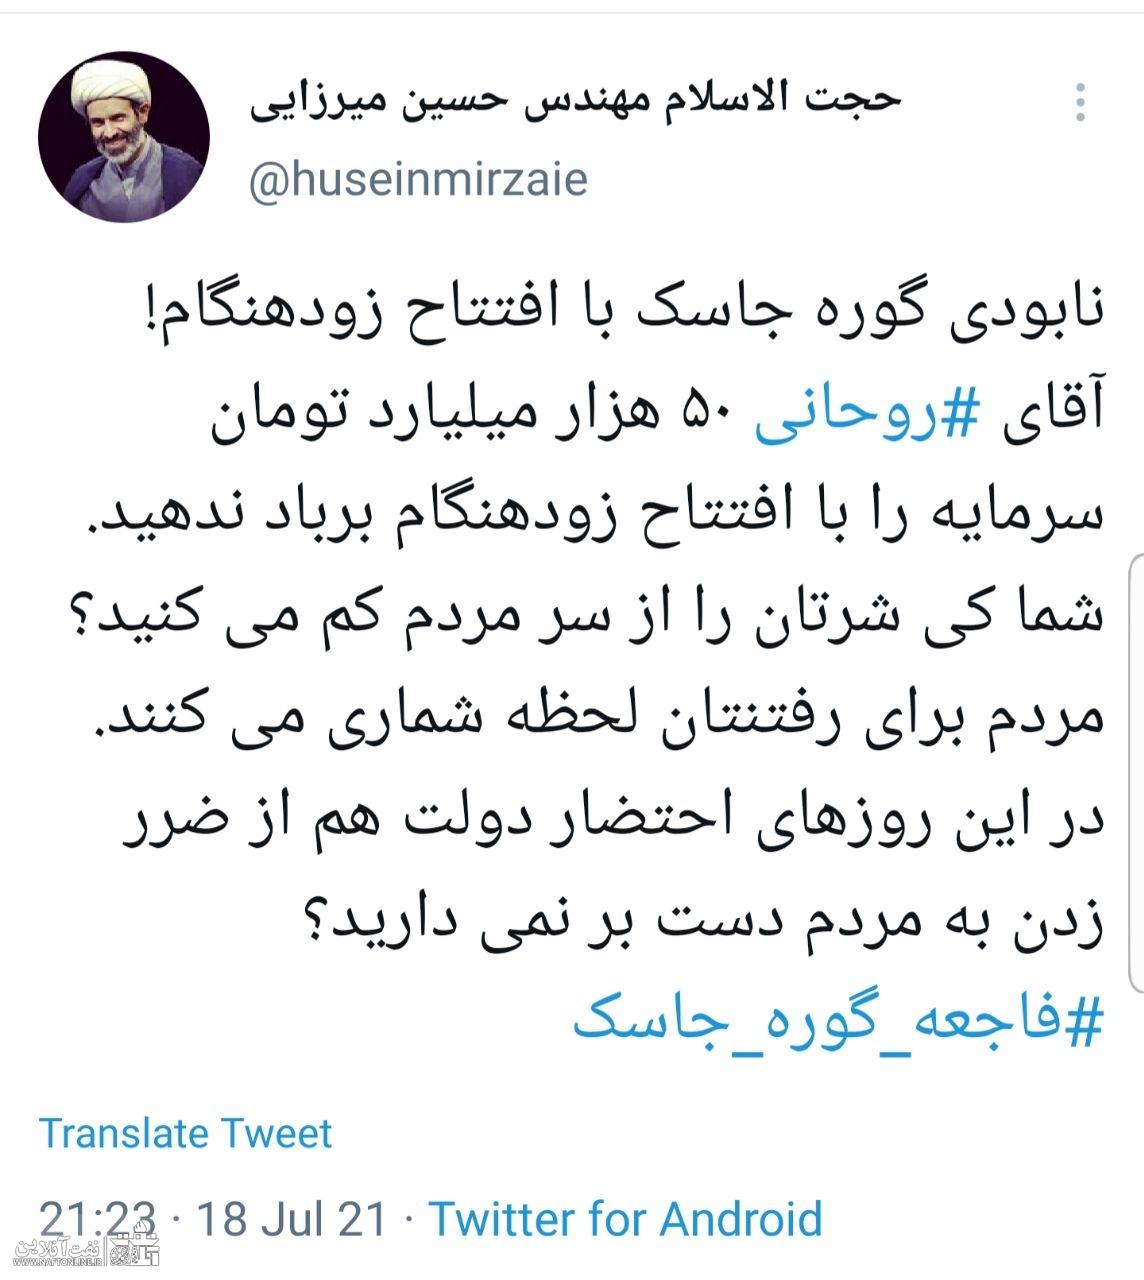 توییت نوشت | twitter | حسین میرزایی